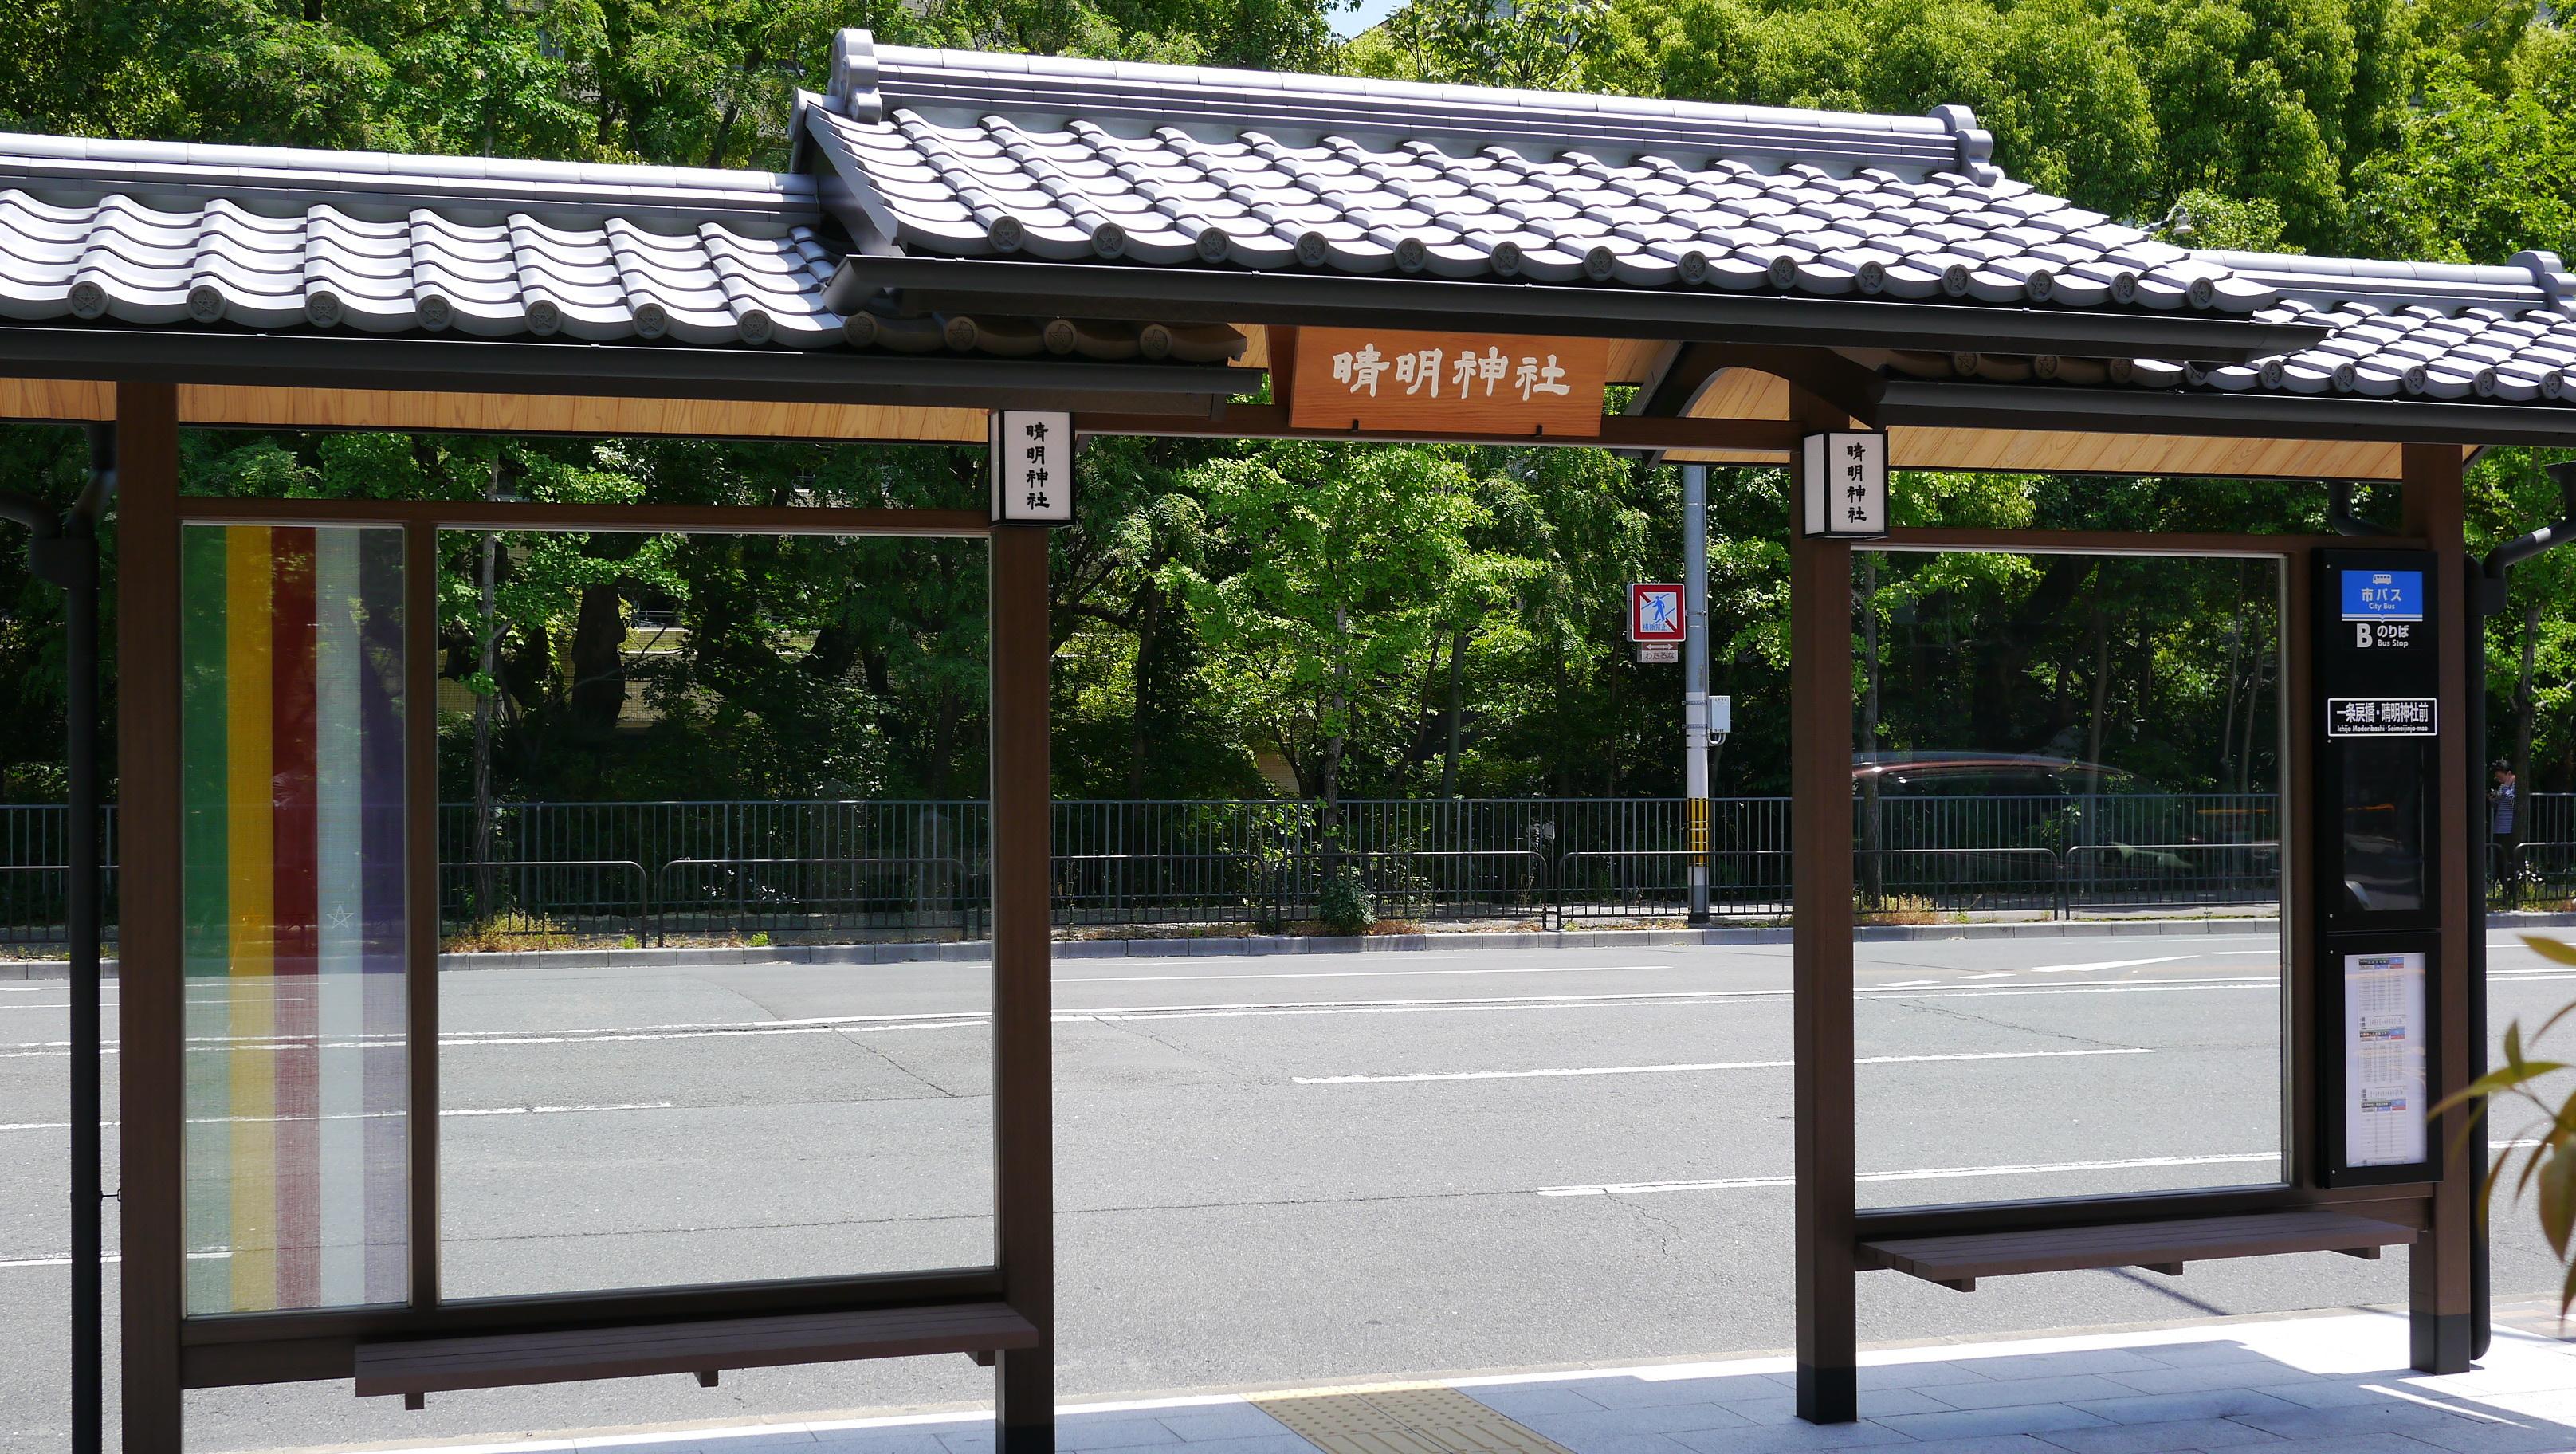 20051305.jpg